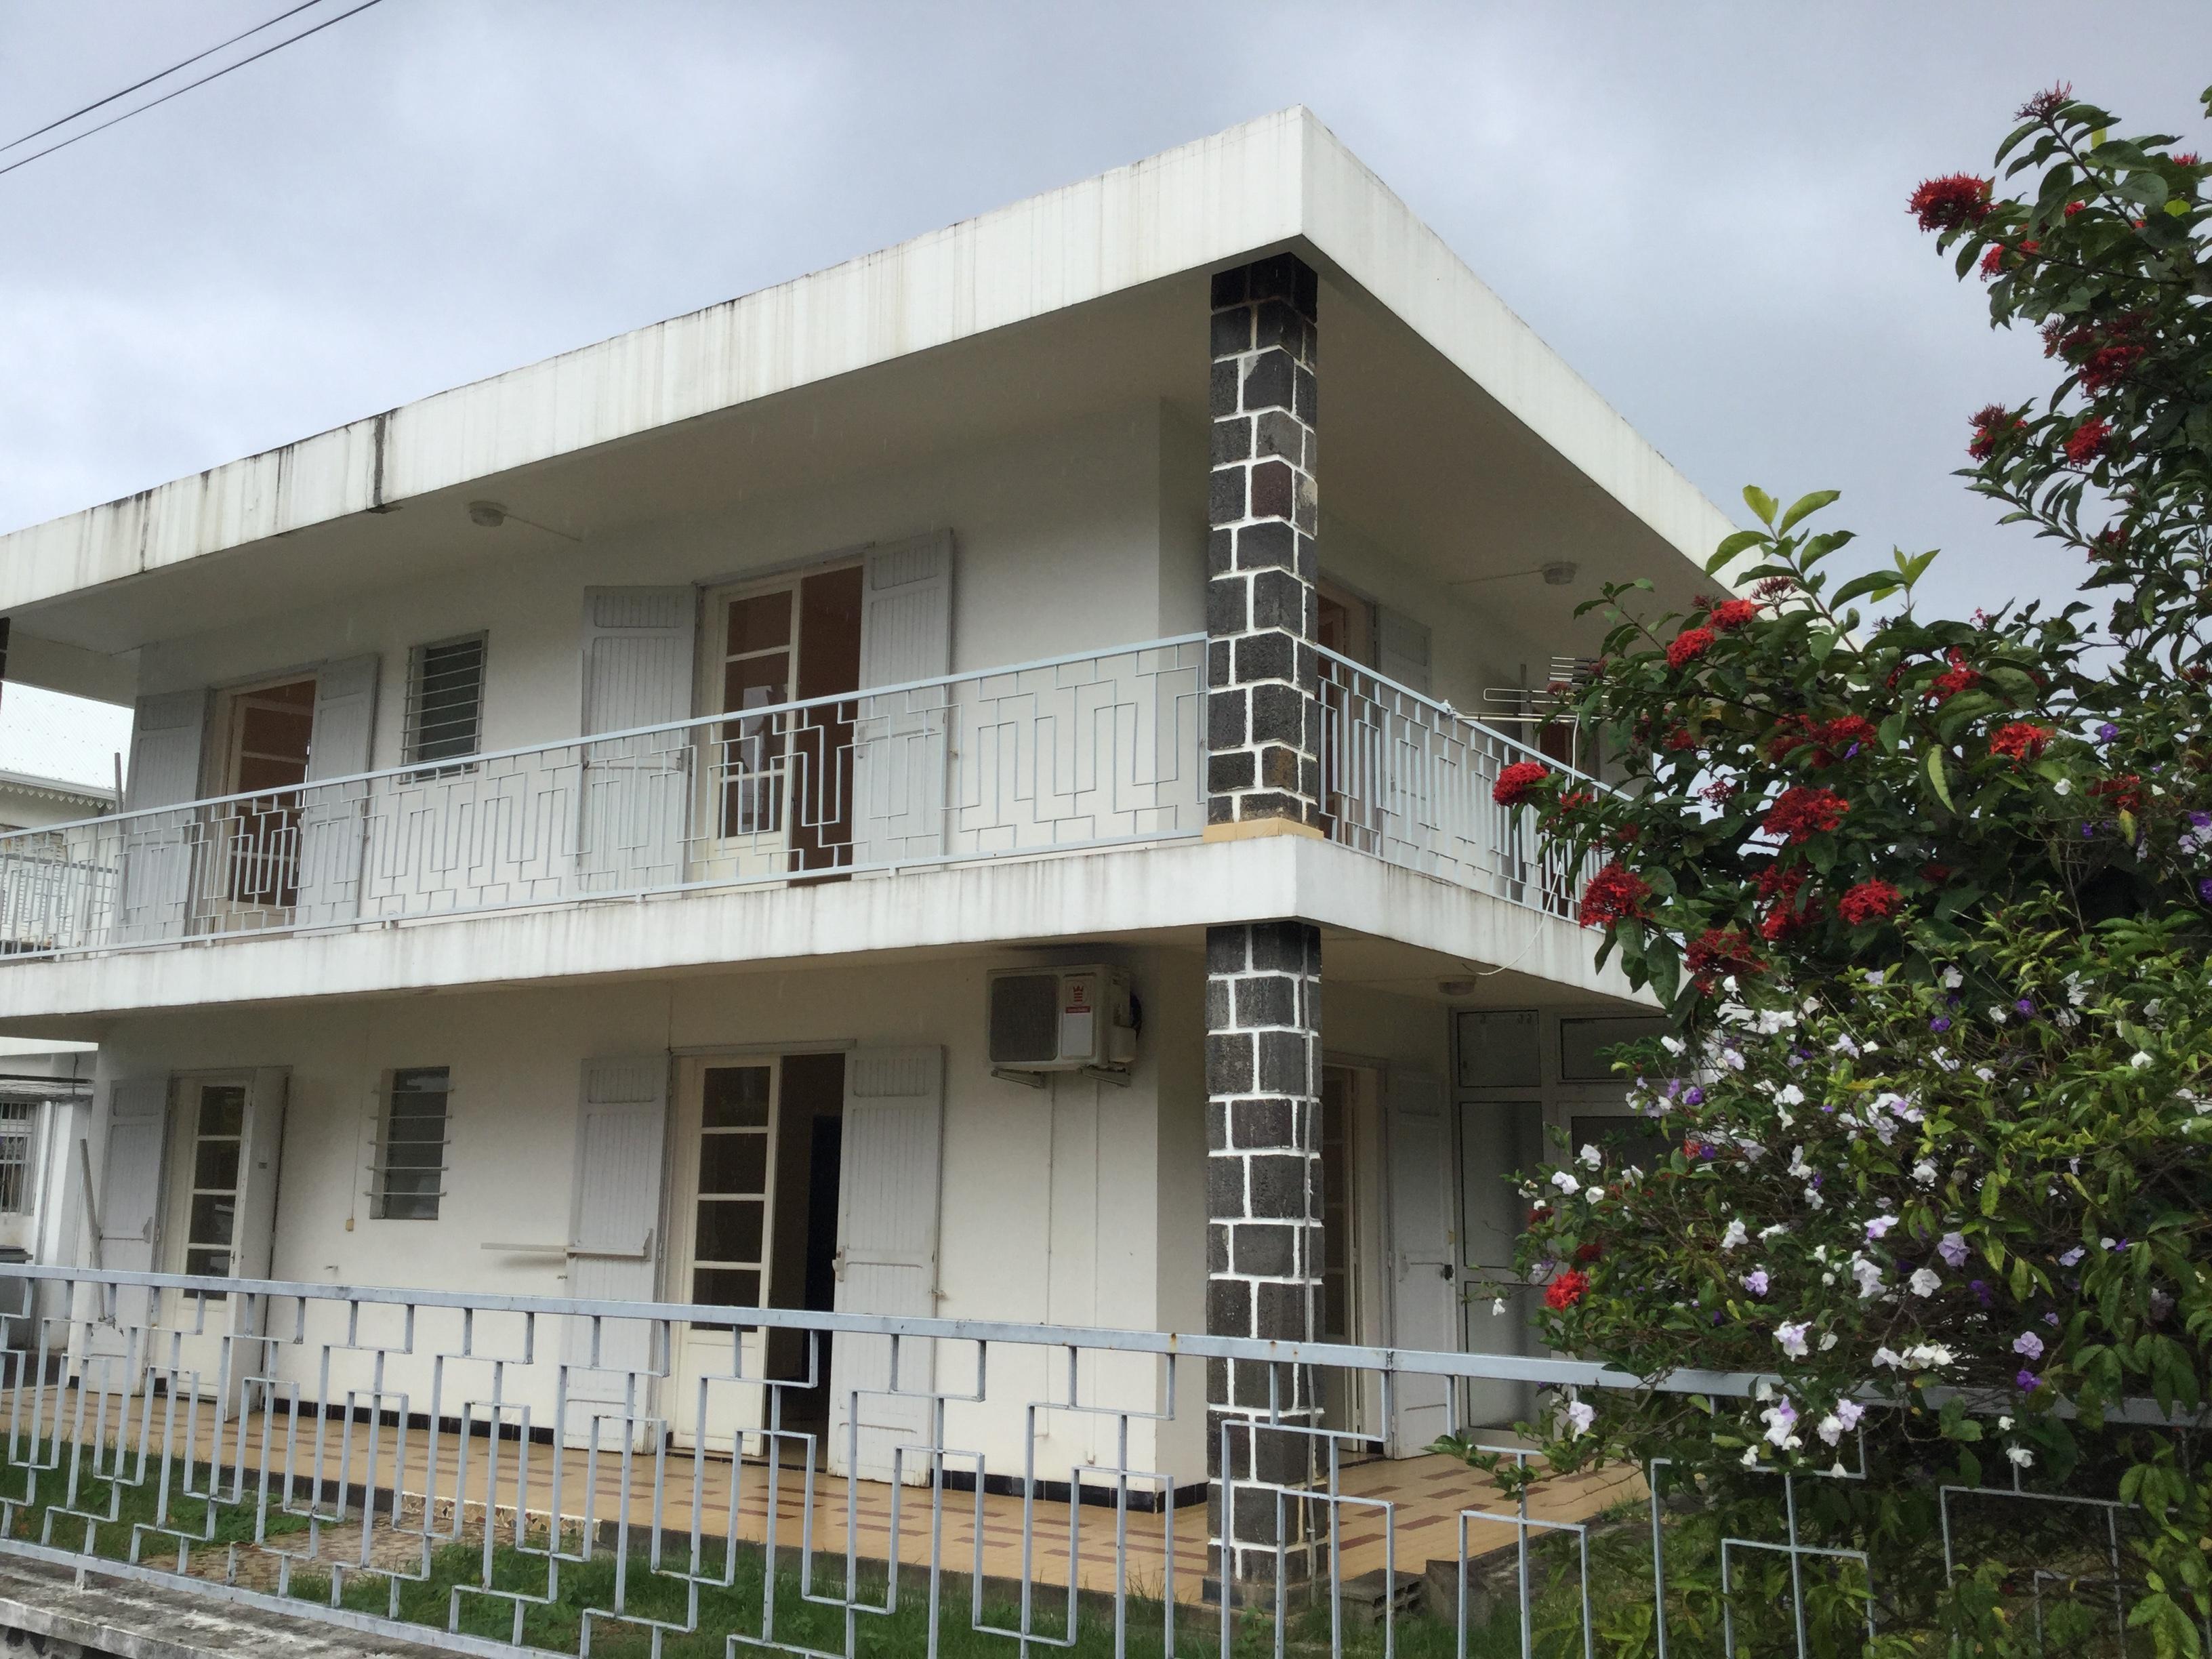 Achat maison villa saint denis 97400 r union nord for Achat maison issy les moulineaux